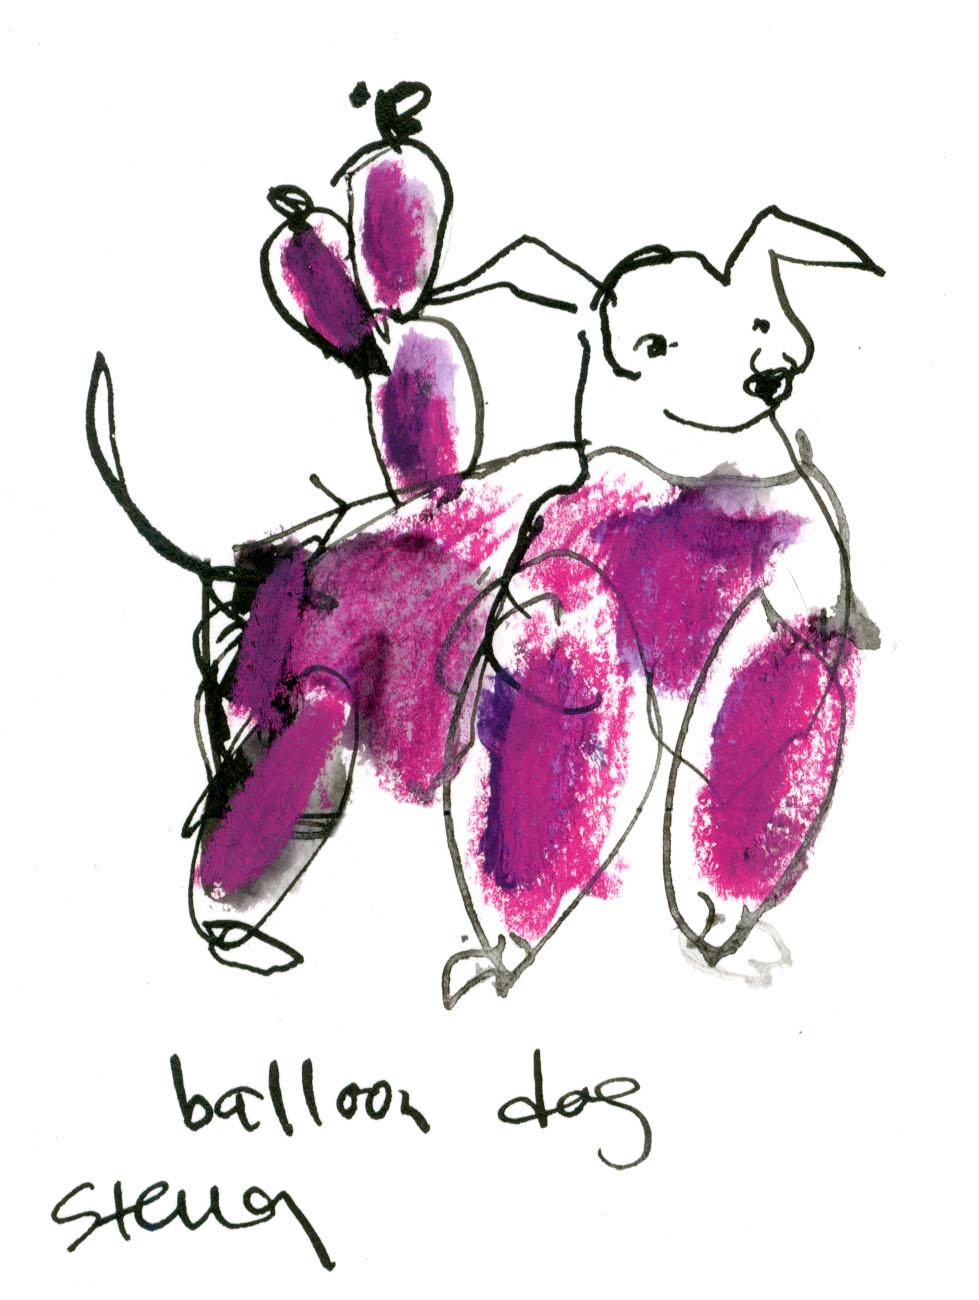 Balloon dog! © Carly Larsson 2014